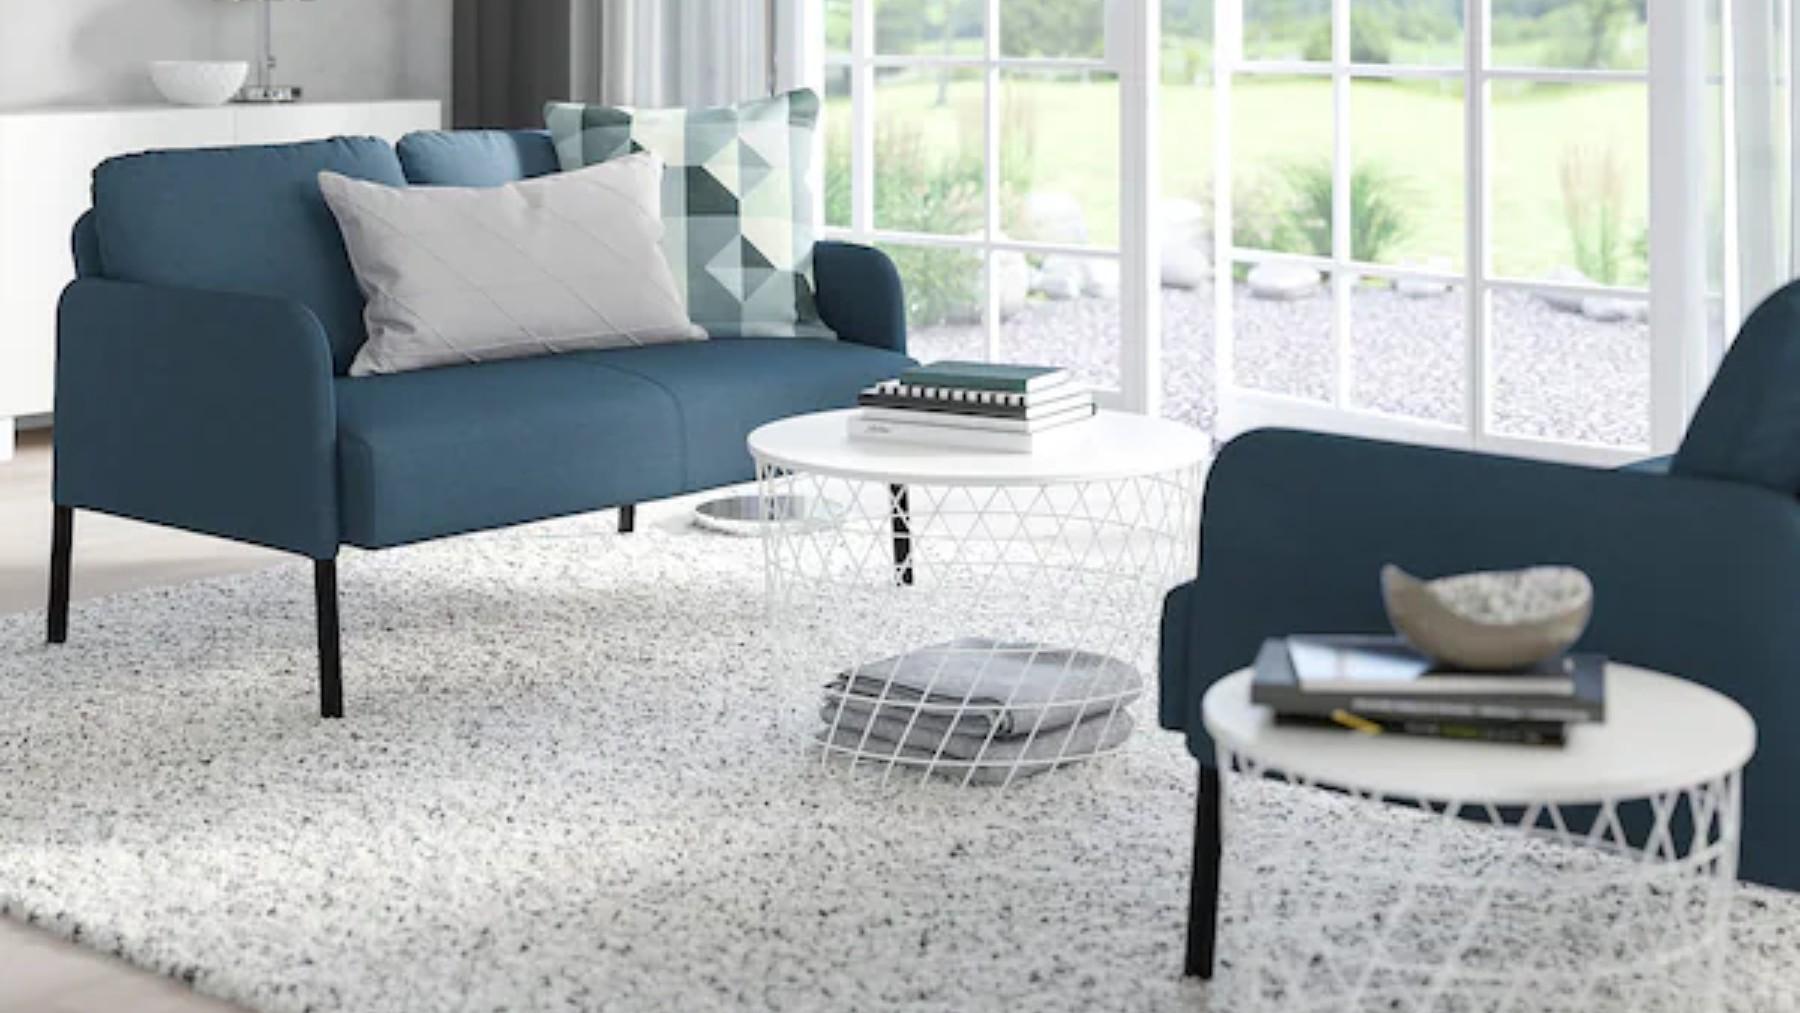 Ikea: 5 muebles de menos de 100 euros para decorar una habitación, salón o despacho